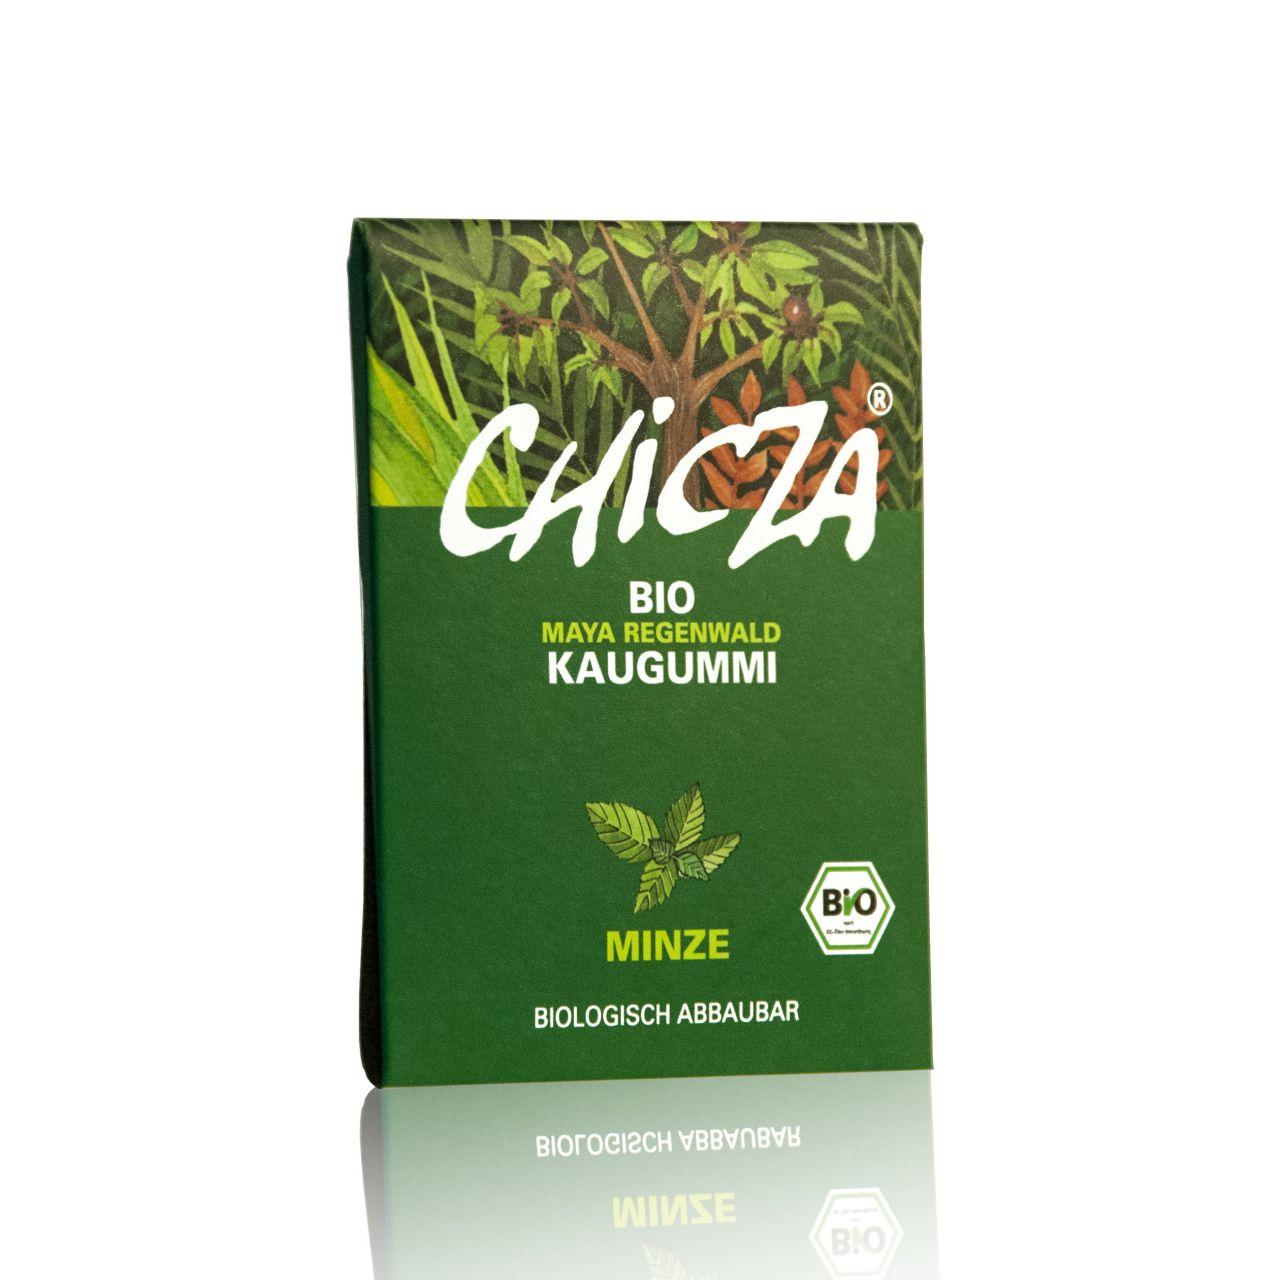 CHICZA Bio-Kaugummi Minze